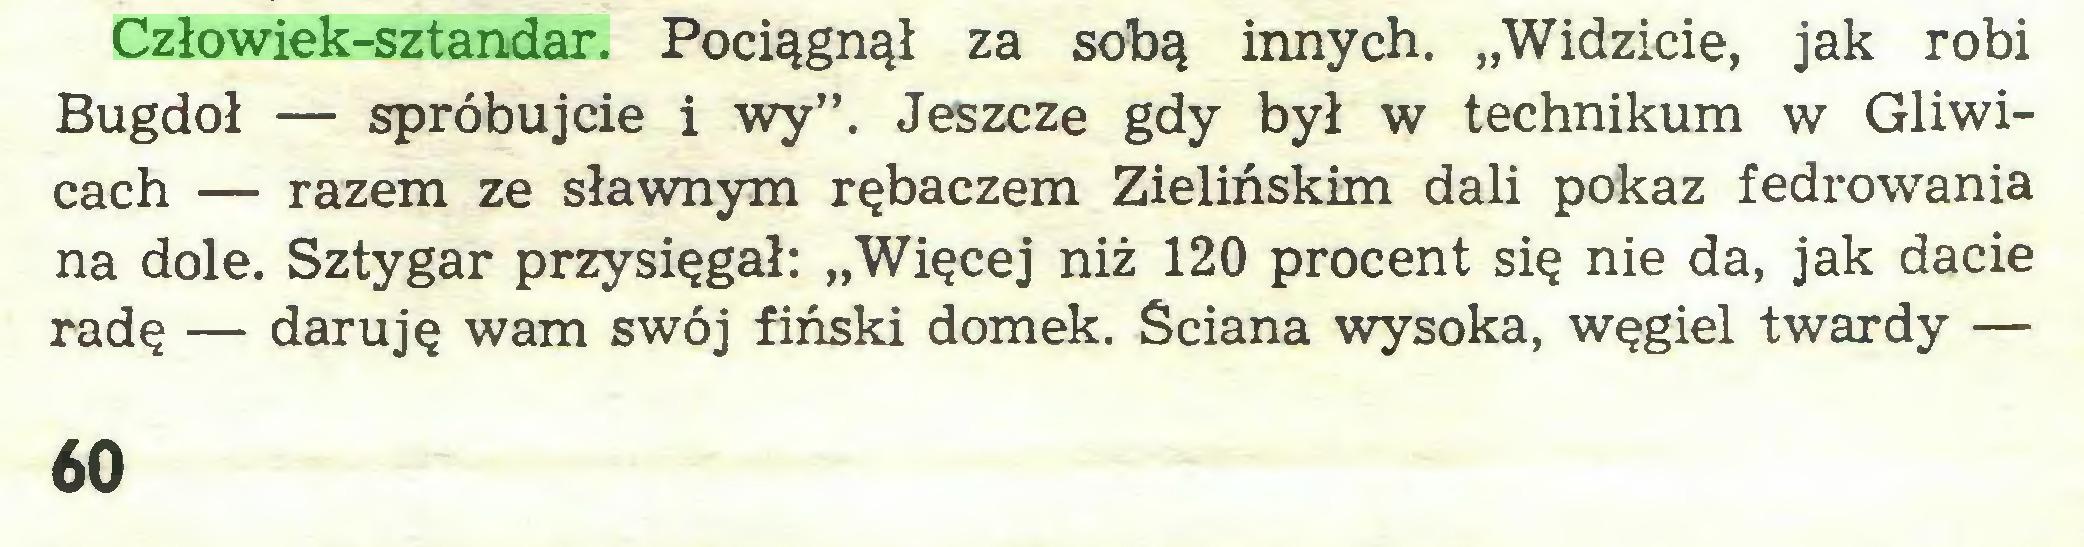 """(...) Człowiek-sztandar. Pociągnął za sobą innych. """"Widzicie, jak robi Bugdoł — spróbujcie i wy"""". Jeszcze gdy był w technikum w Gliwicach — razem ze sławnym rębaczem Zielińskim dali pokaz fedrowania na dole. Sztygar przysięgał: """"Więcej niż 120 procent się nie da, jak dacie radę — daruję wam swój fiński domek. Ściana wysoka, węgiel twardy — 60..."""